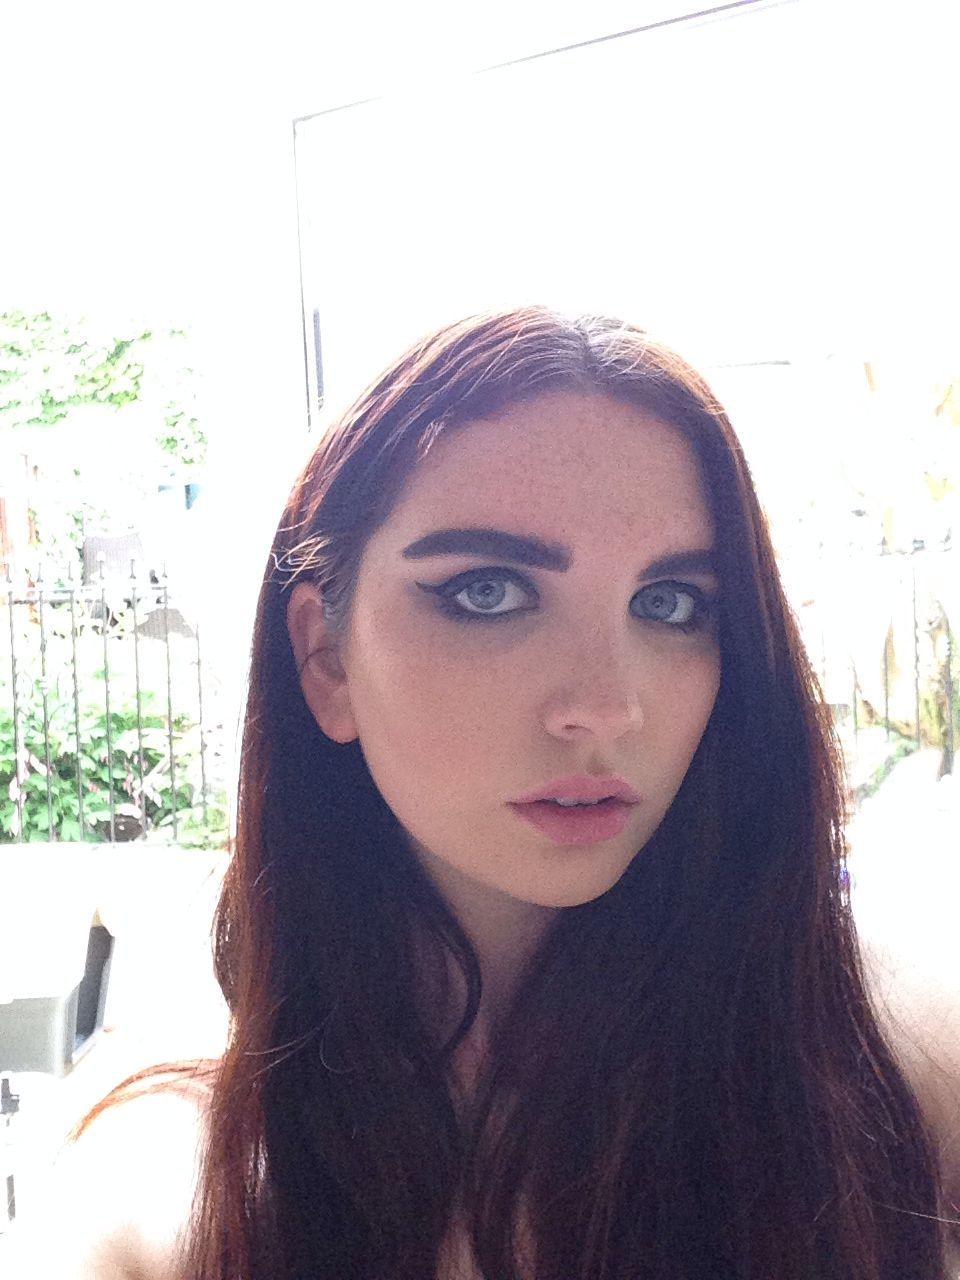 Makeup, cat eye